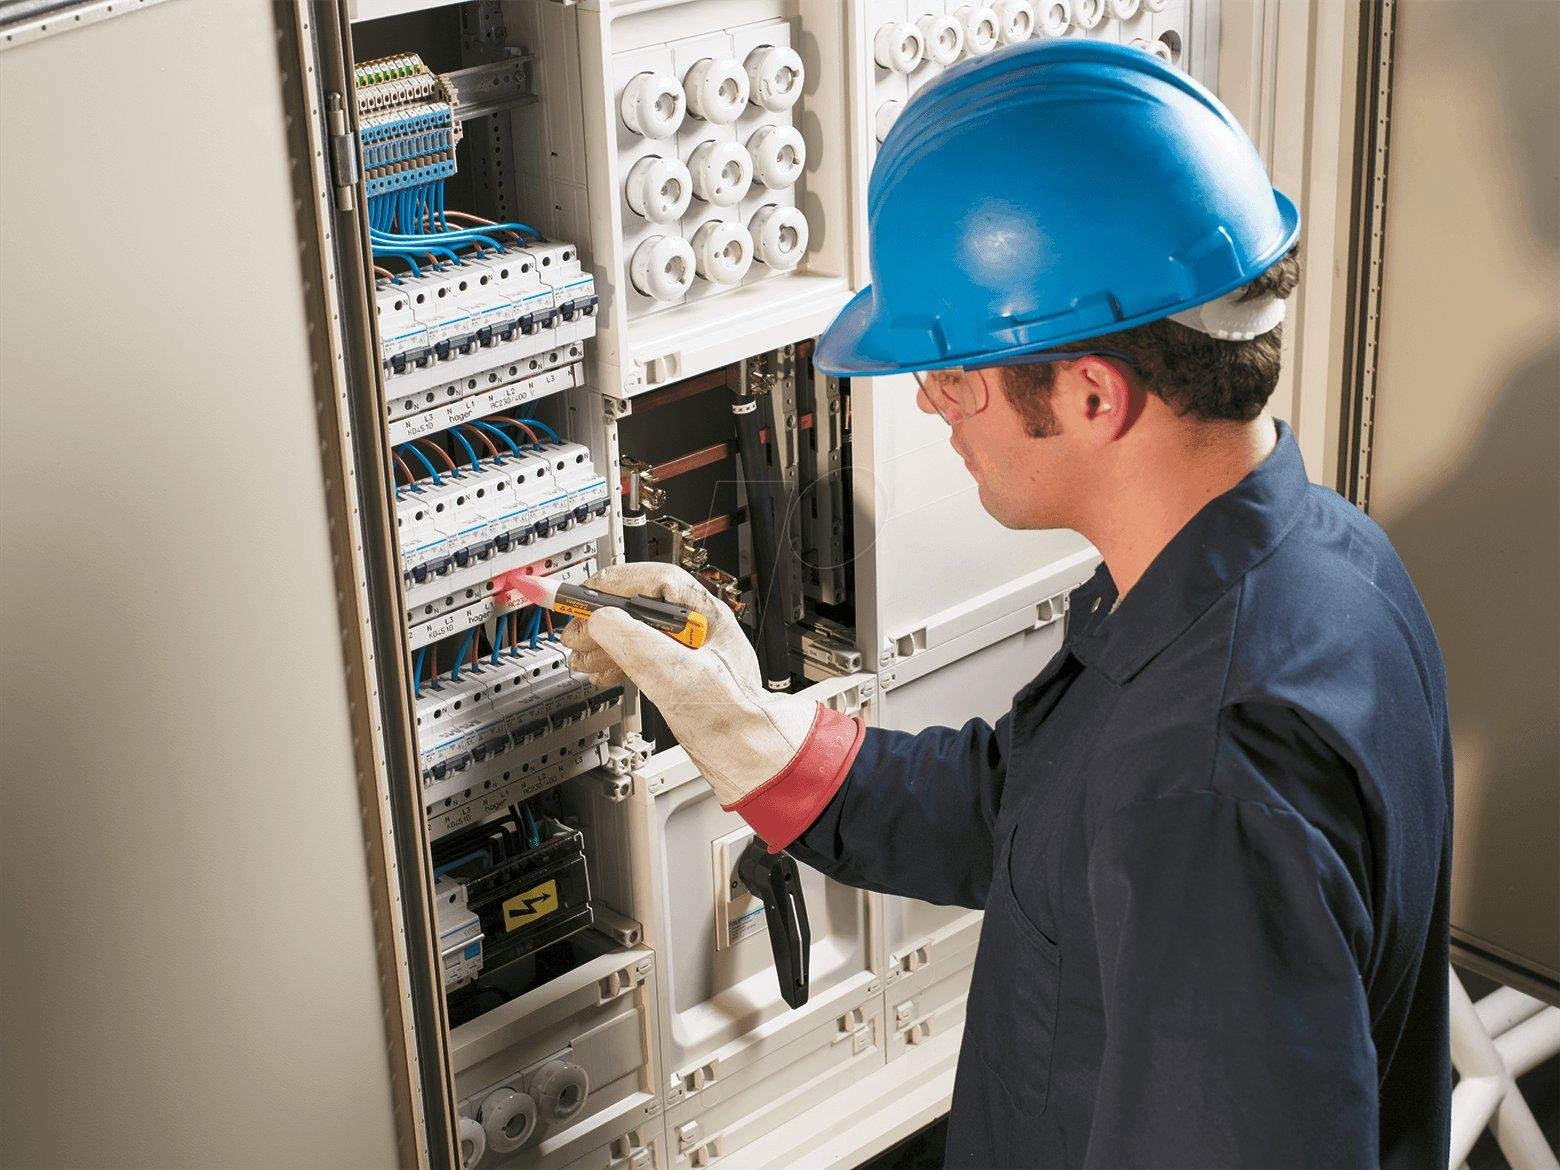 ростехнадзор новосибирск вопросы по электробезопасности